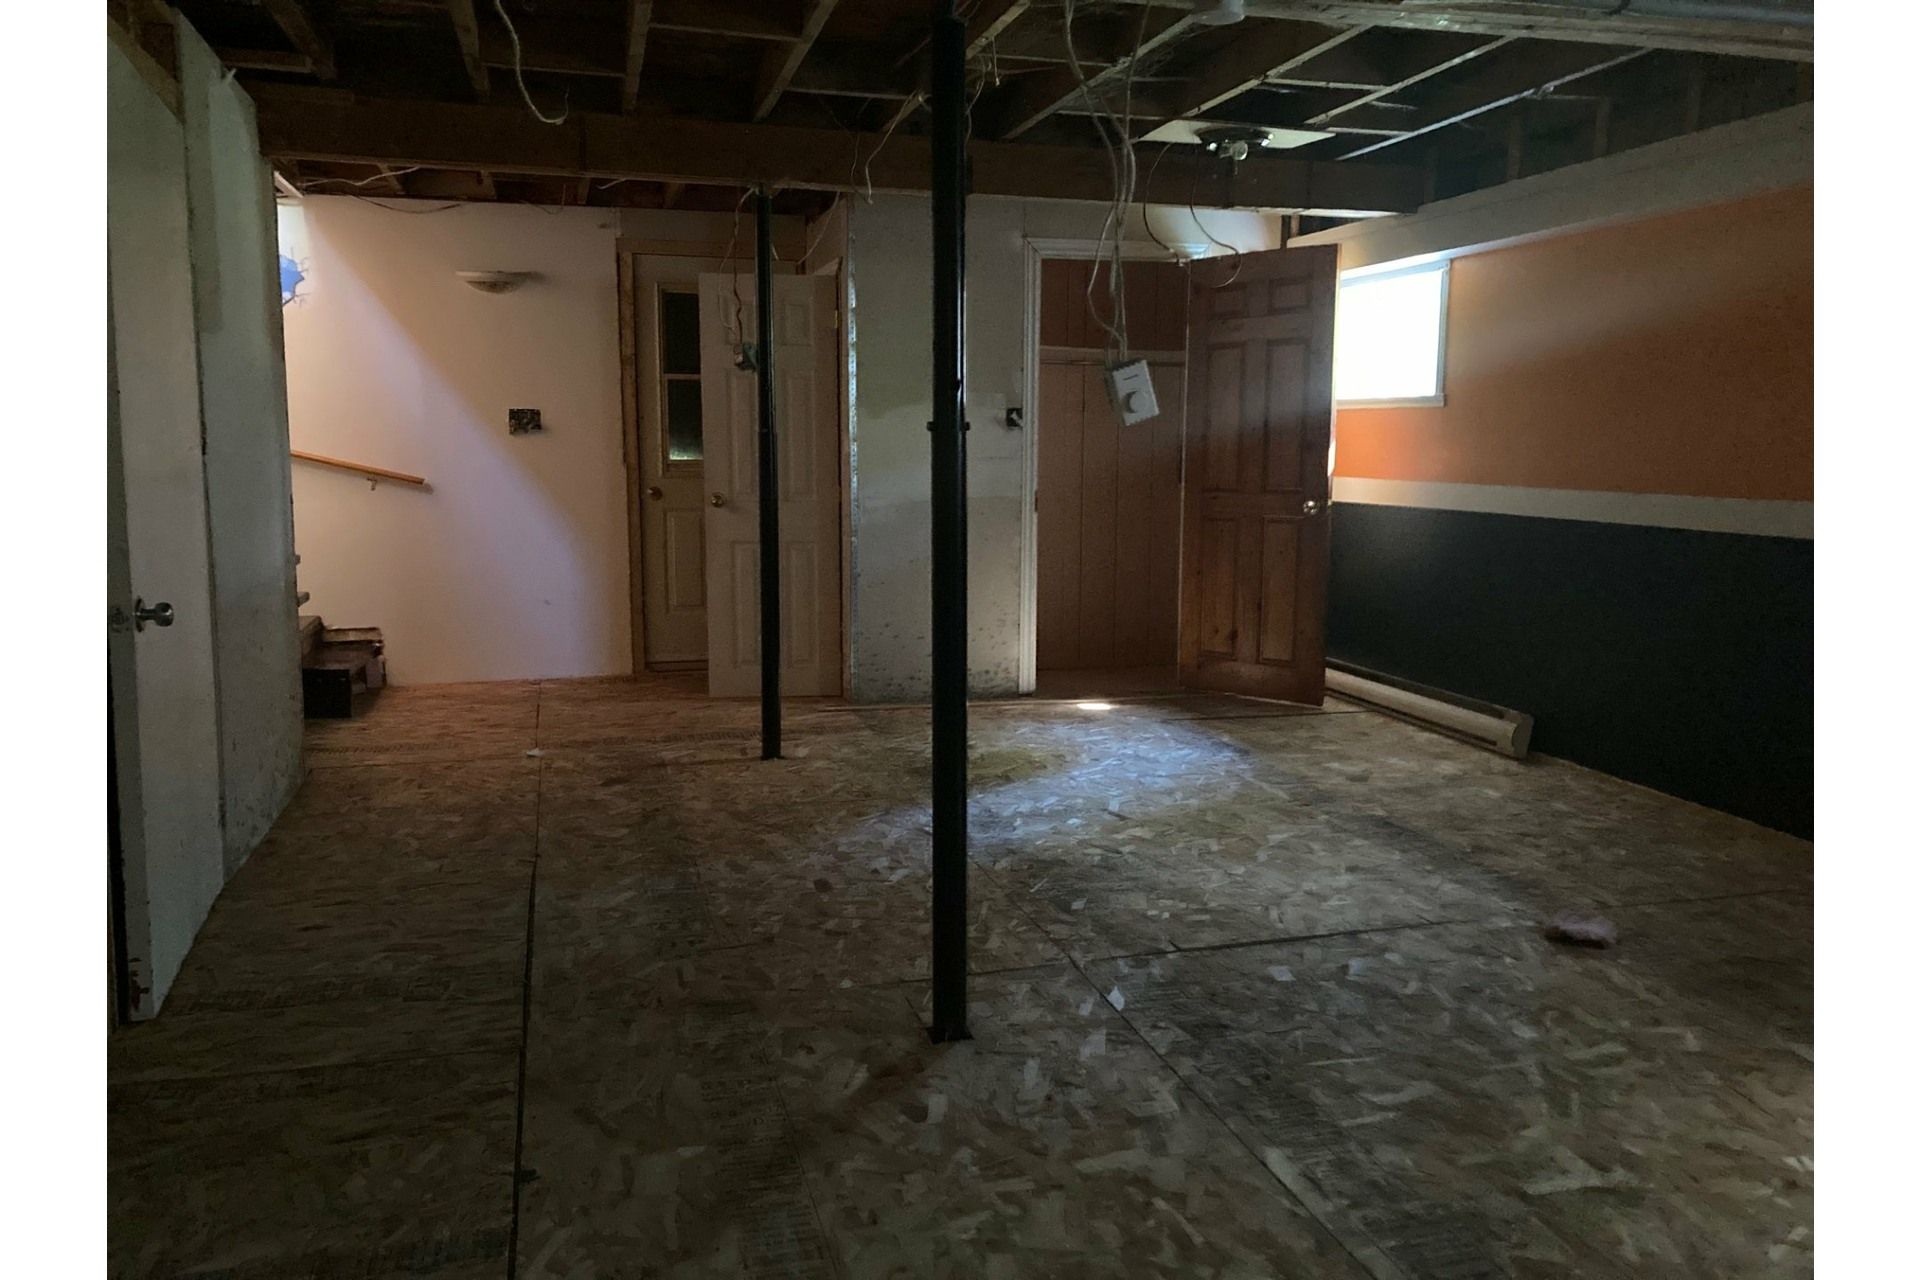 image 15 - House For sale Sainte-Mélanie - 8 rooms